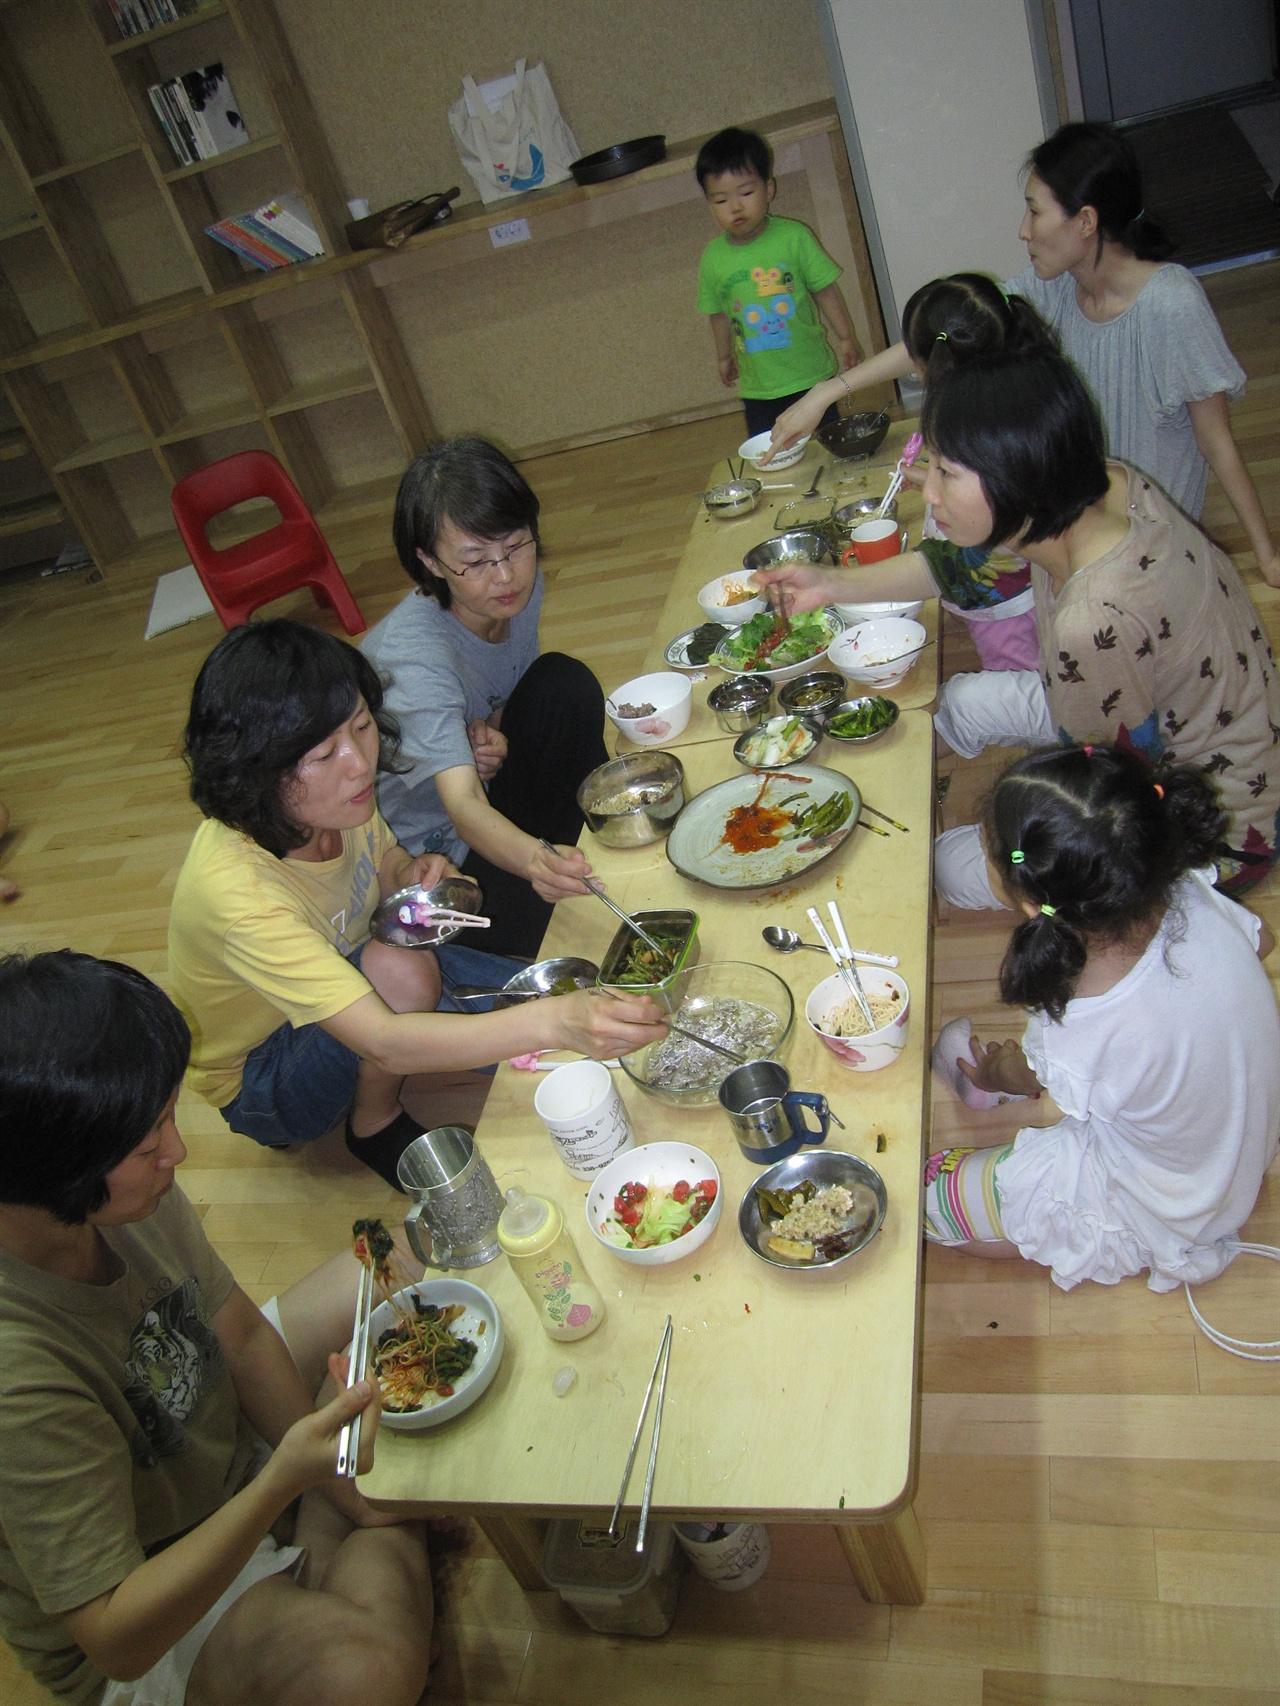 이웃과 함께 따뜻한 저녁식사가 제공되는 공동부엌 공동부엌에서 함께하는 저녁식사